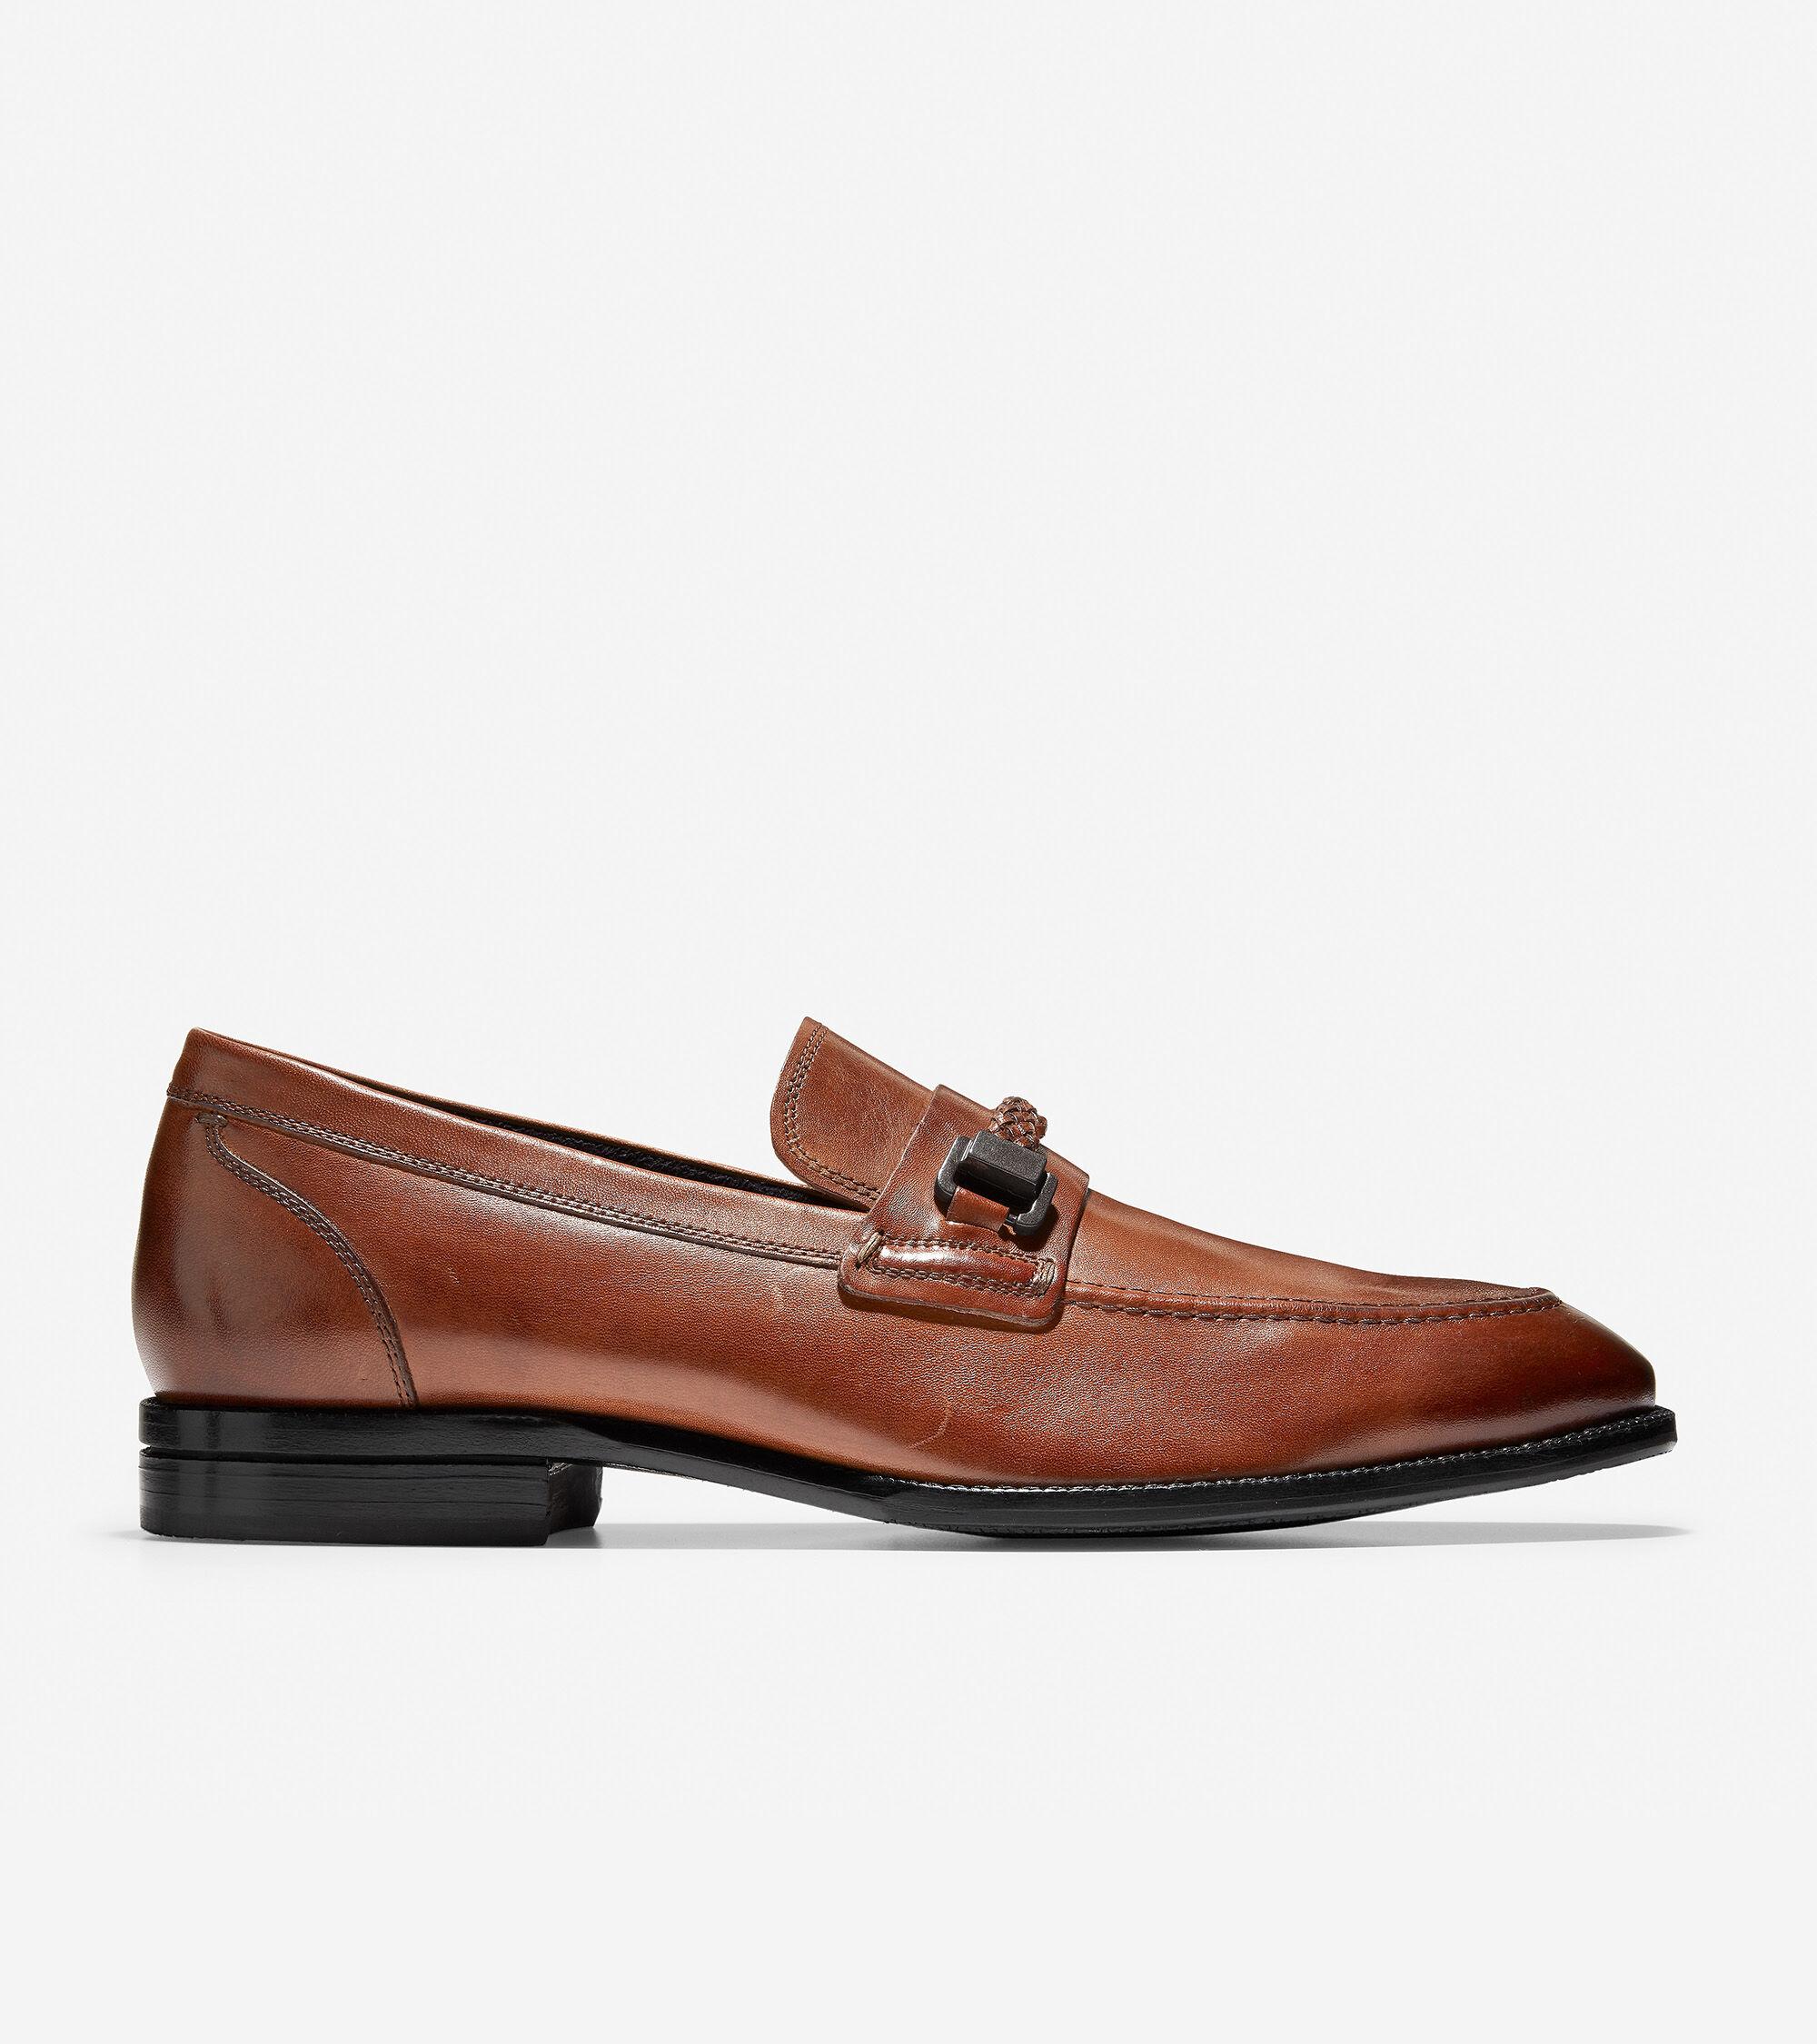 c0ff700252d Men s Warner Grand Bit Loafers in British Tan